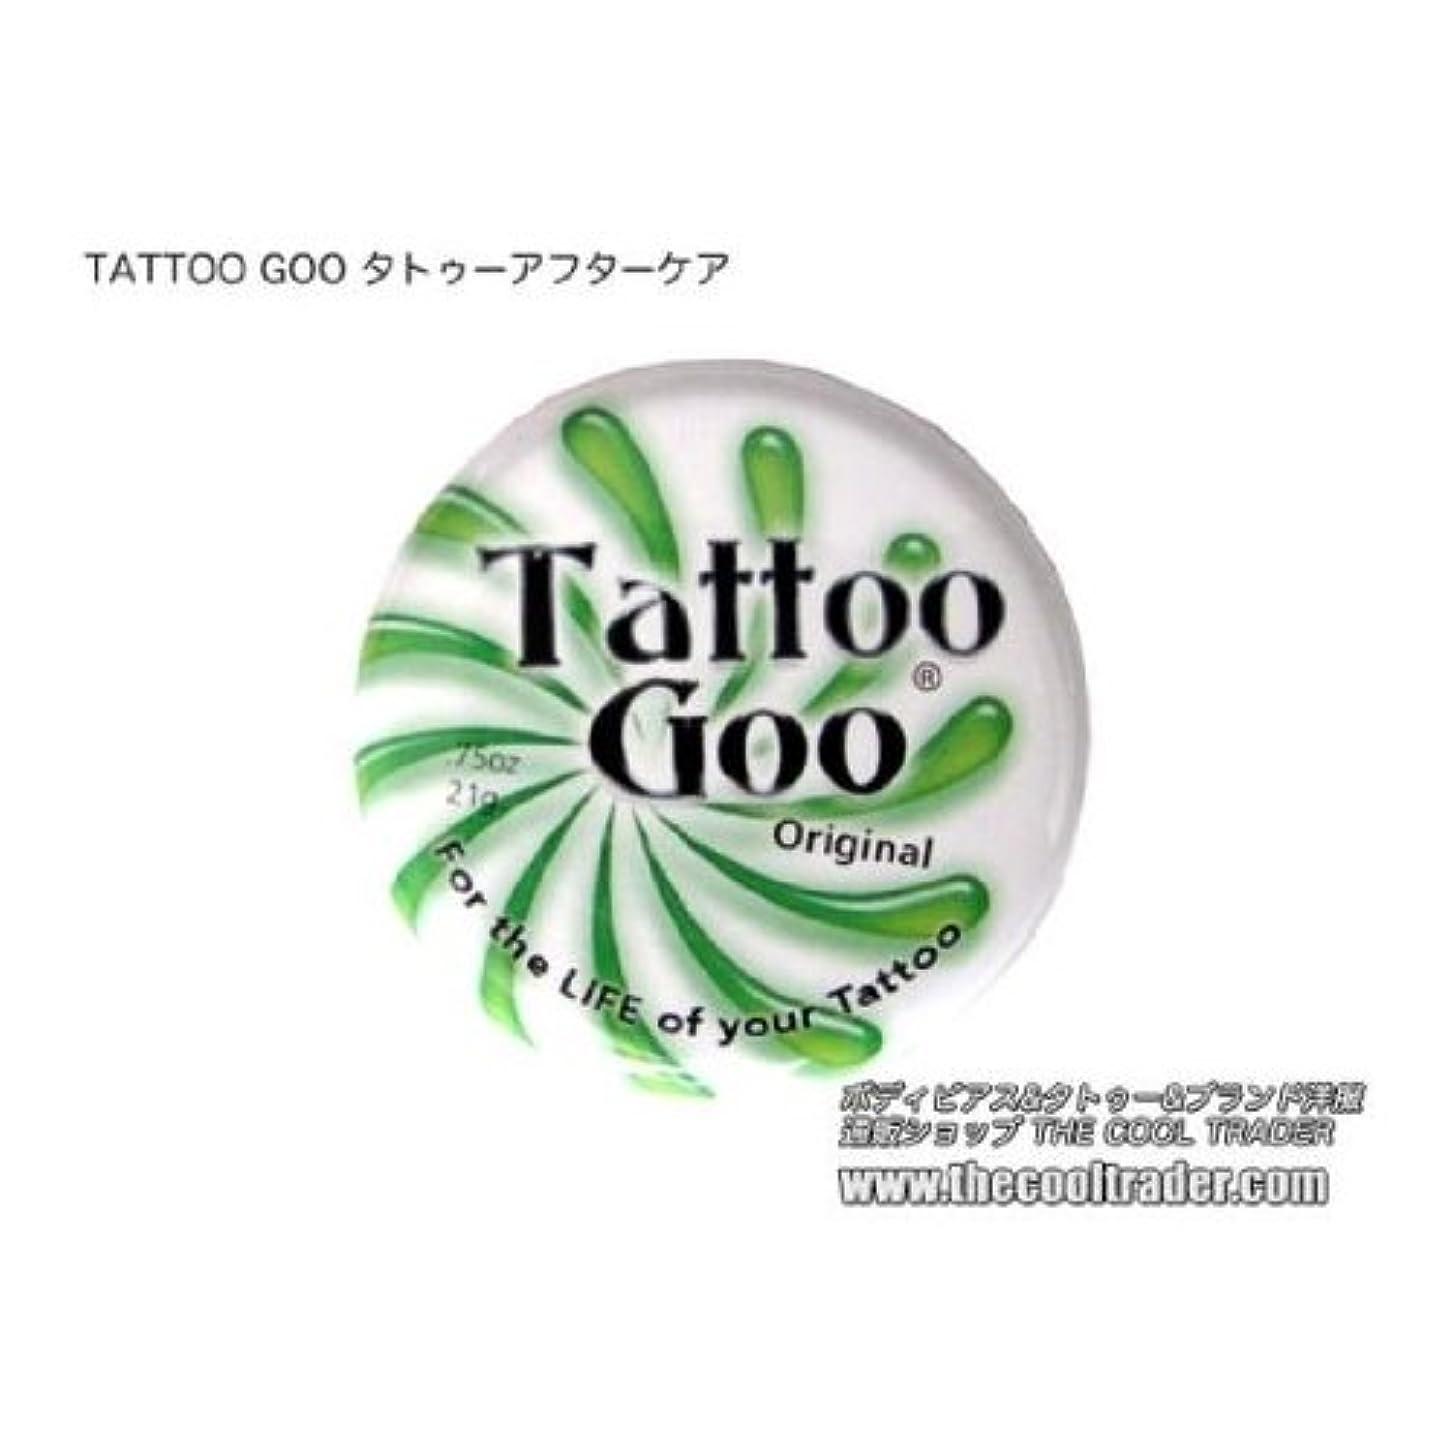 鍔横向き一節TATTOO GOO タトゥー&ボディピアス専用アフターケア 軟膏クリーム オリジナル